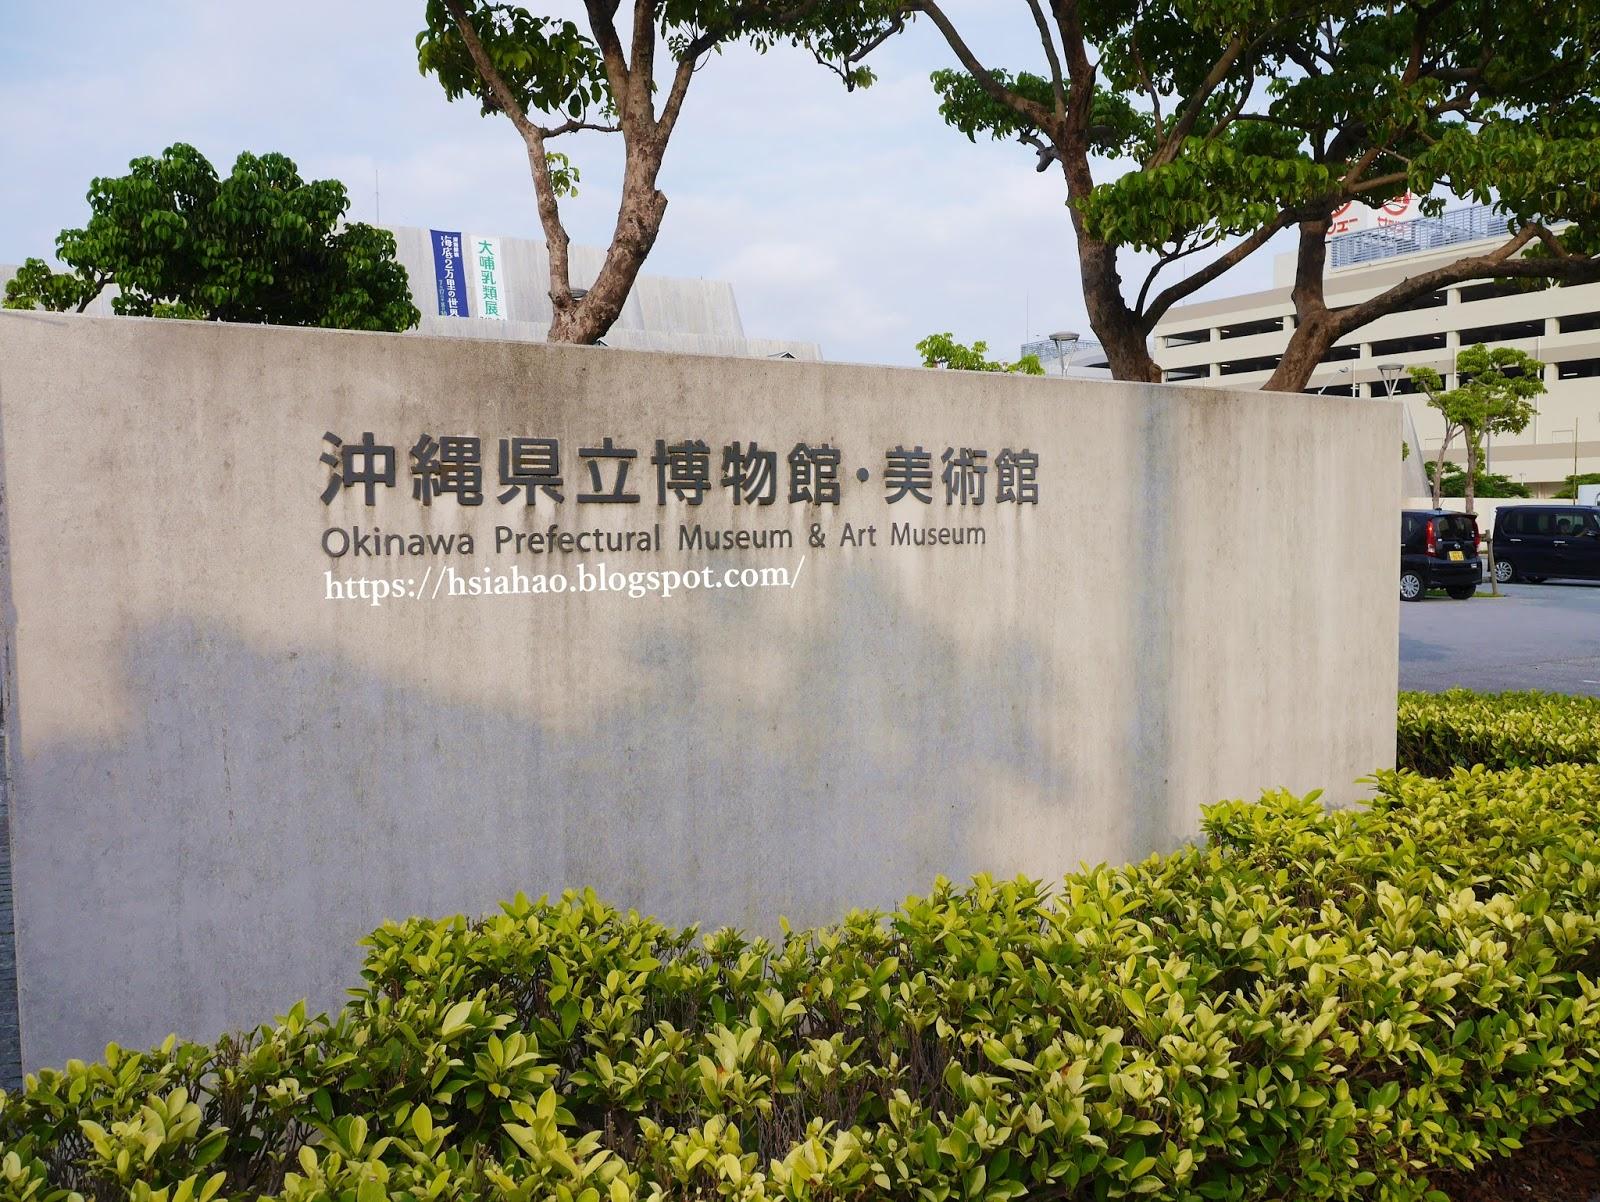 沖繩-景點-推薦-那霸-沖繩縣立博物館-美術館-自由行-旅遊-Okinawa-prefectural-museum-art